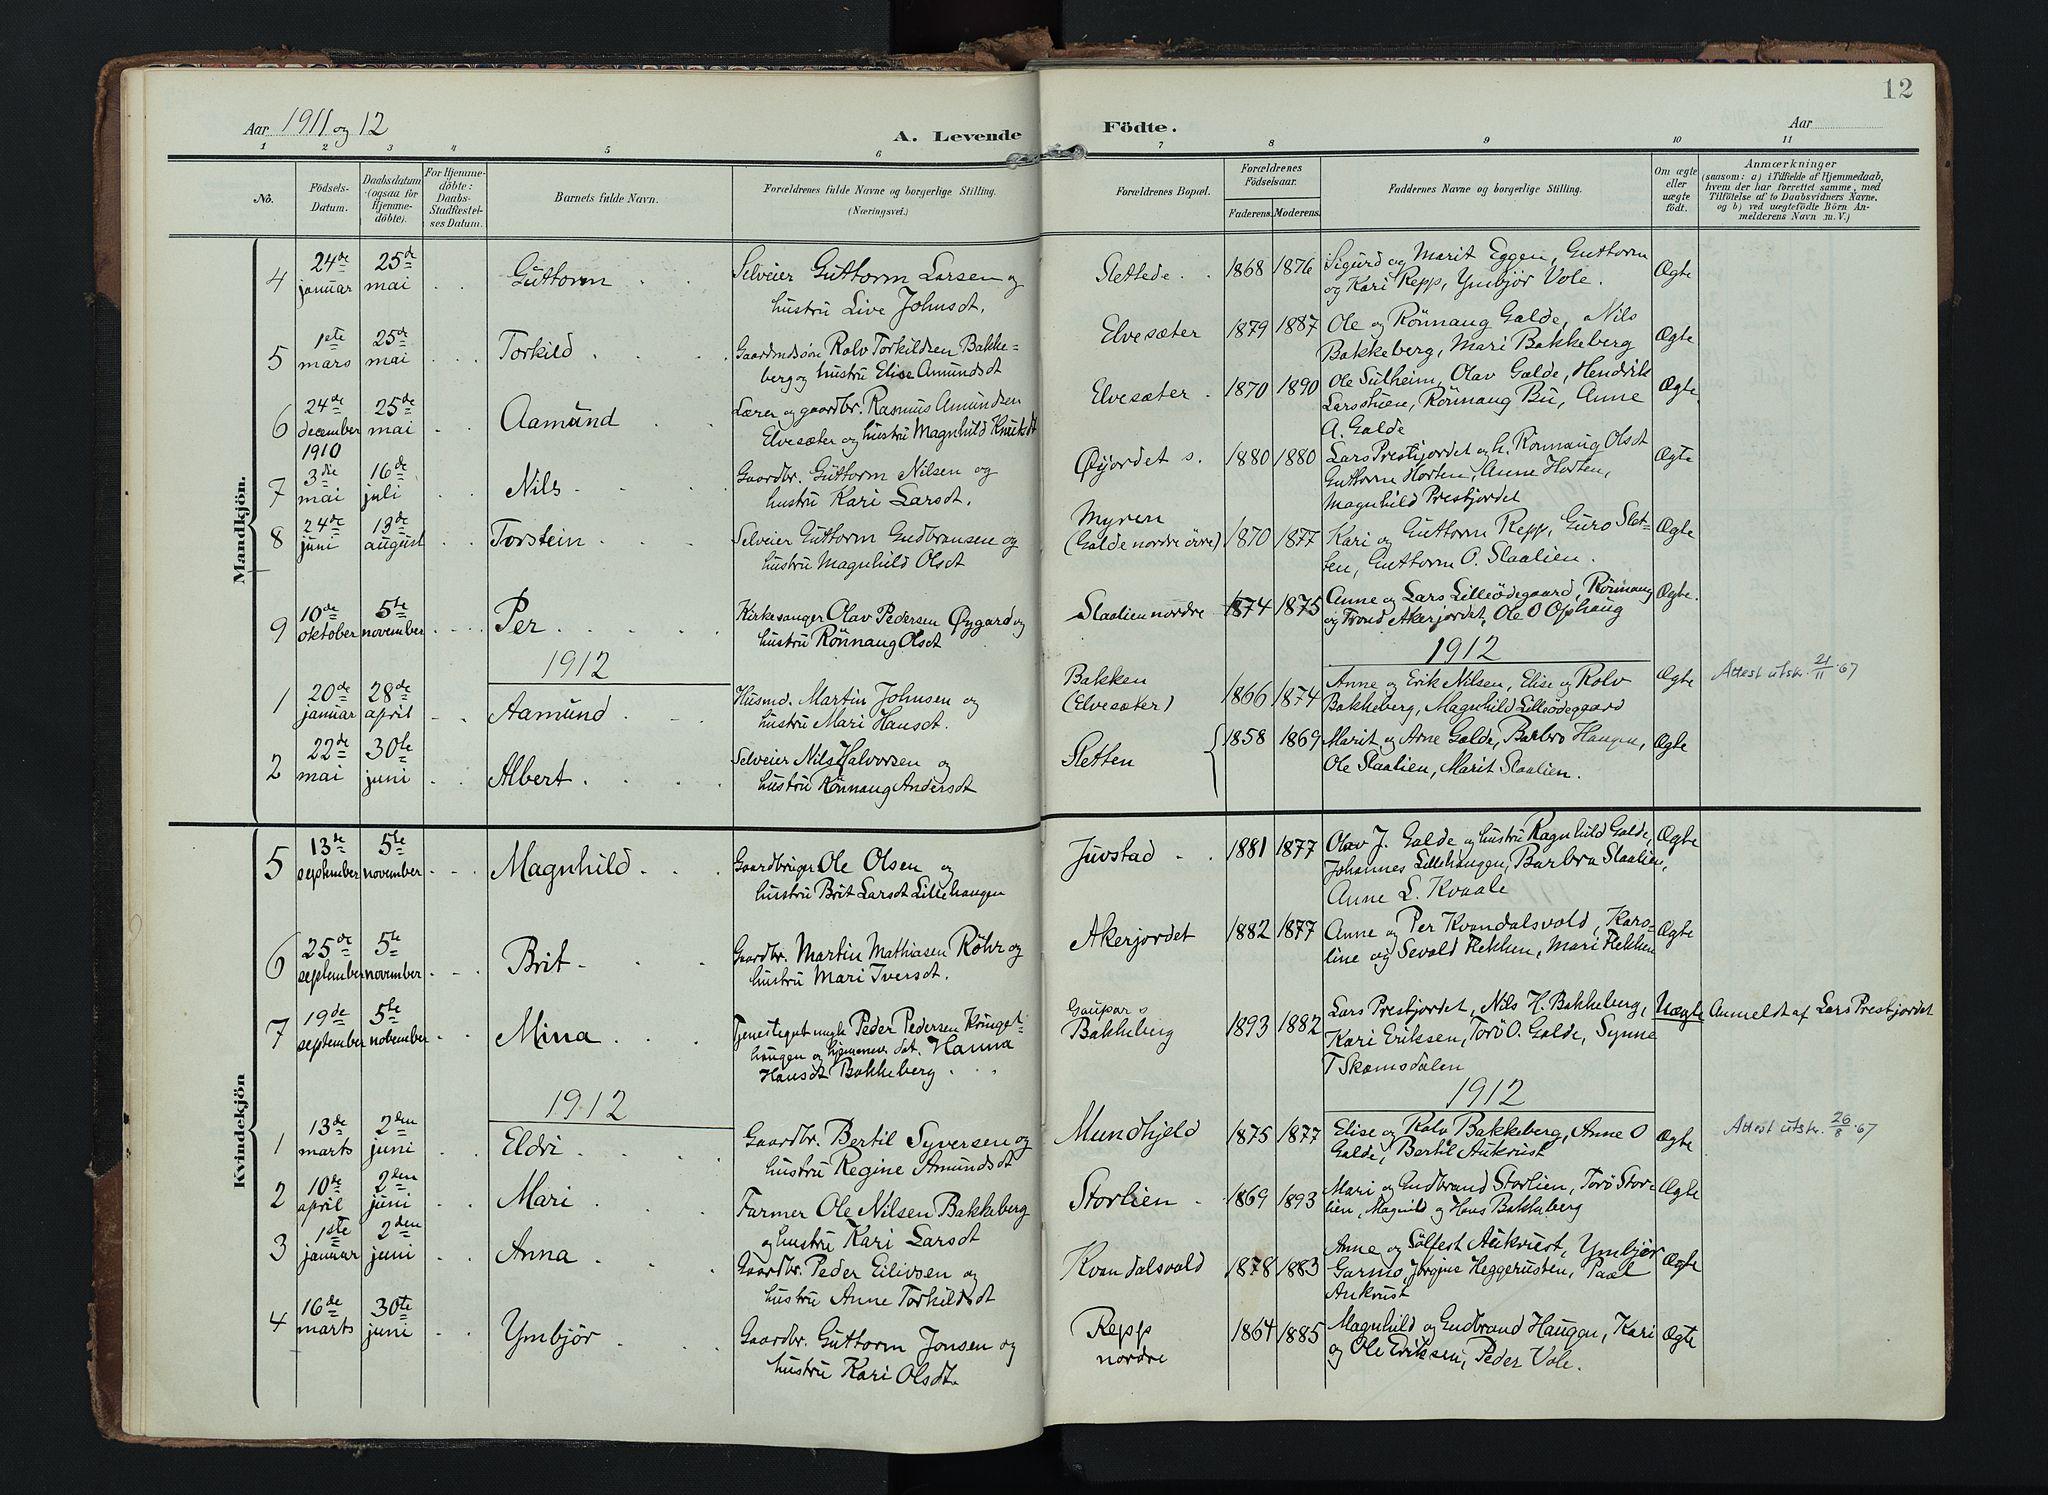 SAH, Lom prestekontor, K/L0012: Ministerialbok nr. 12, 1904-1928, s. 12